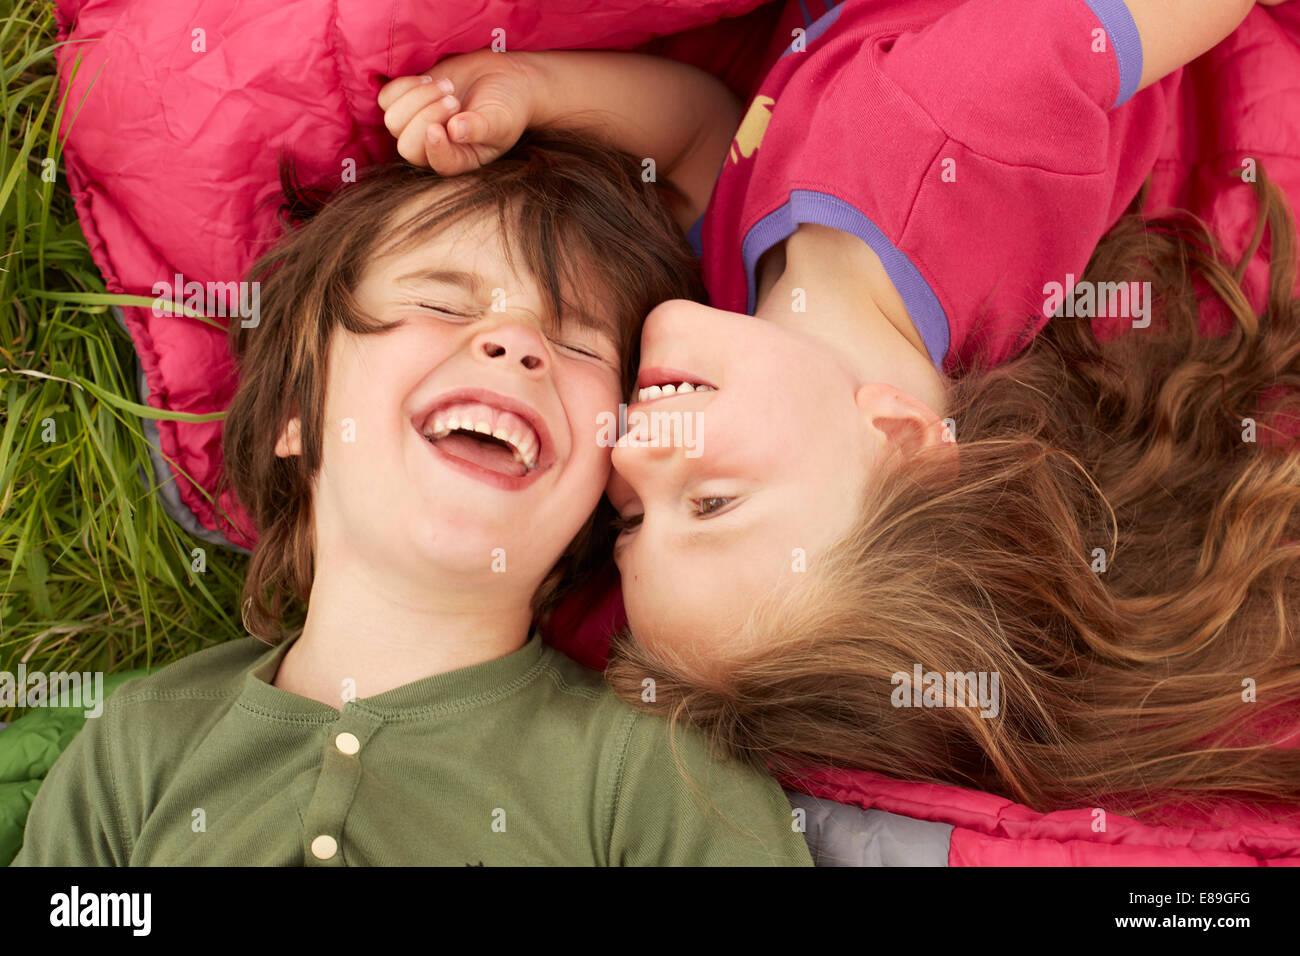 Un ragazzo e una ragazza ridere mentre posa su sacchi a pelo Immagini Stock